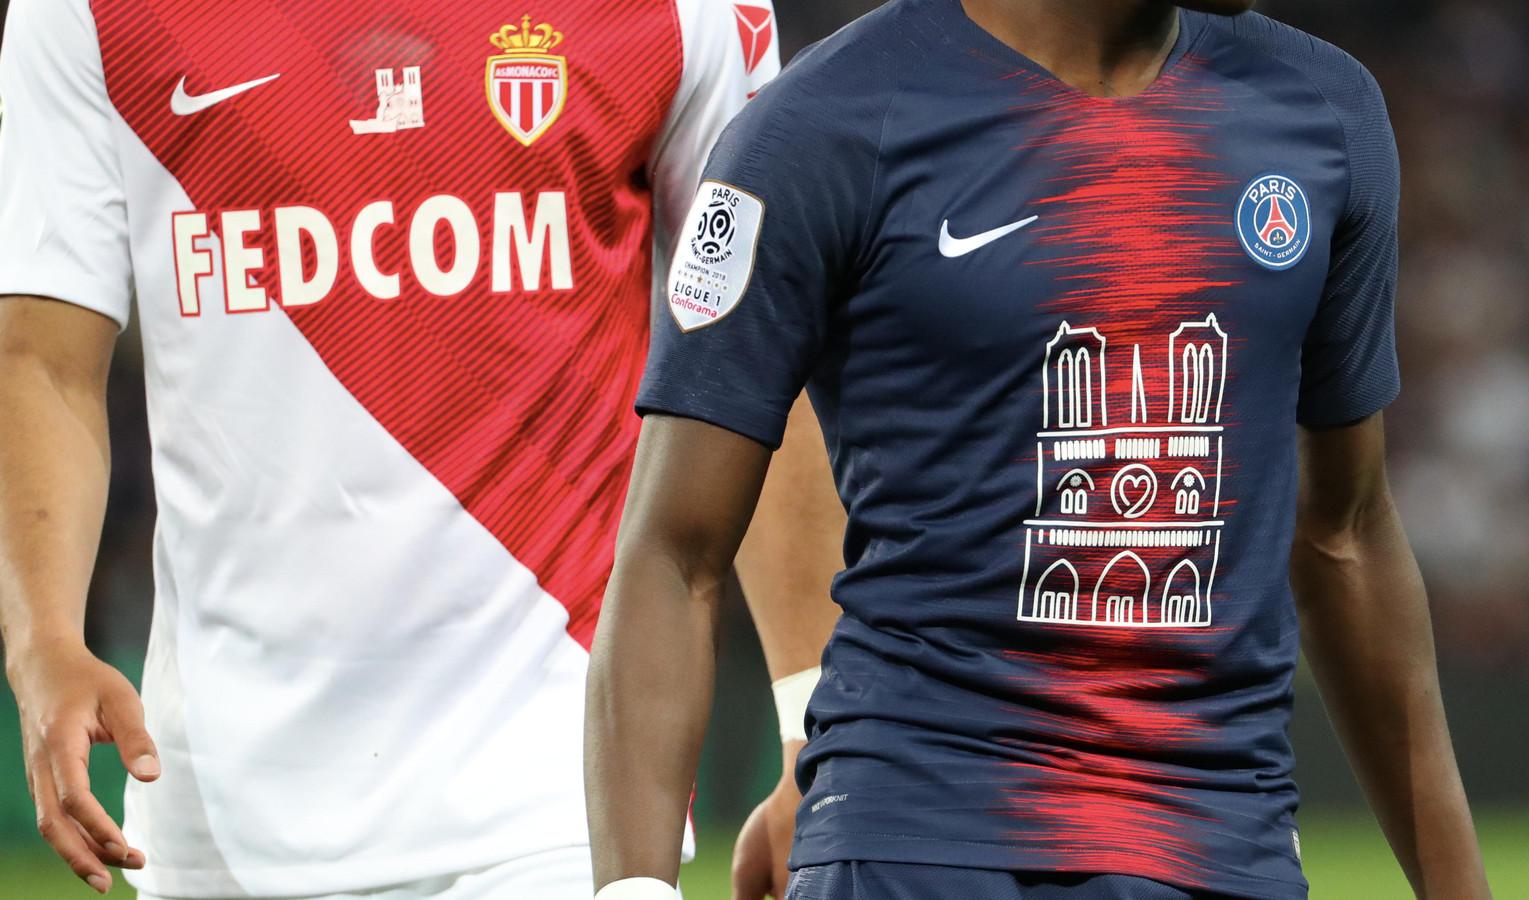 Het shirt van PSG vanavond!